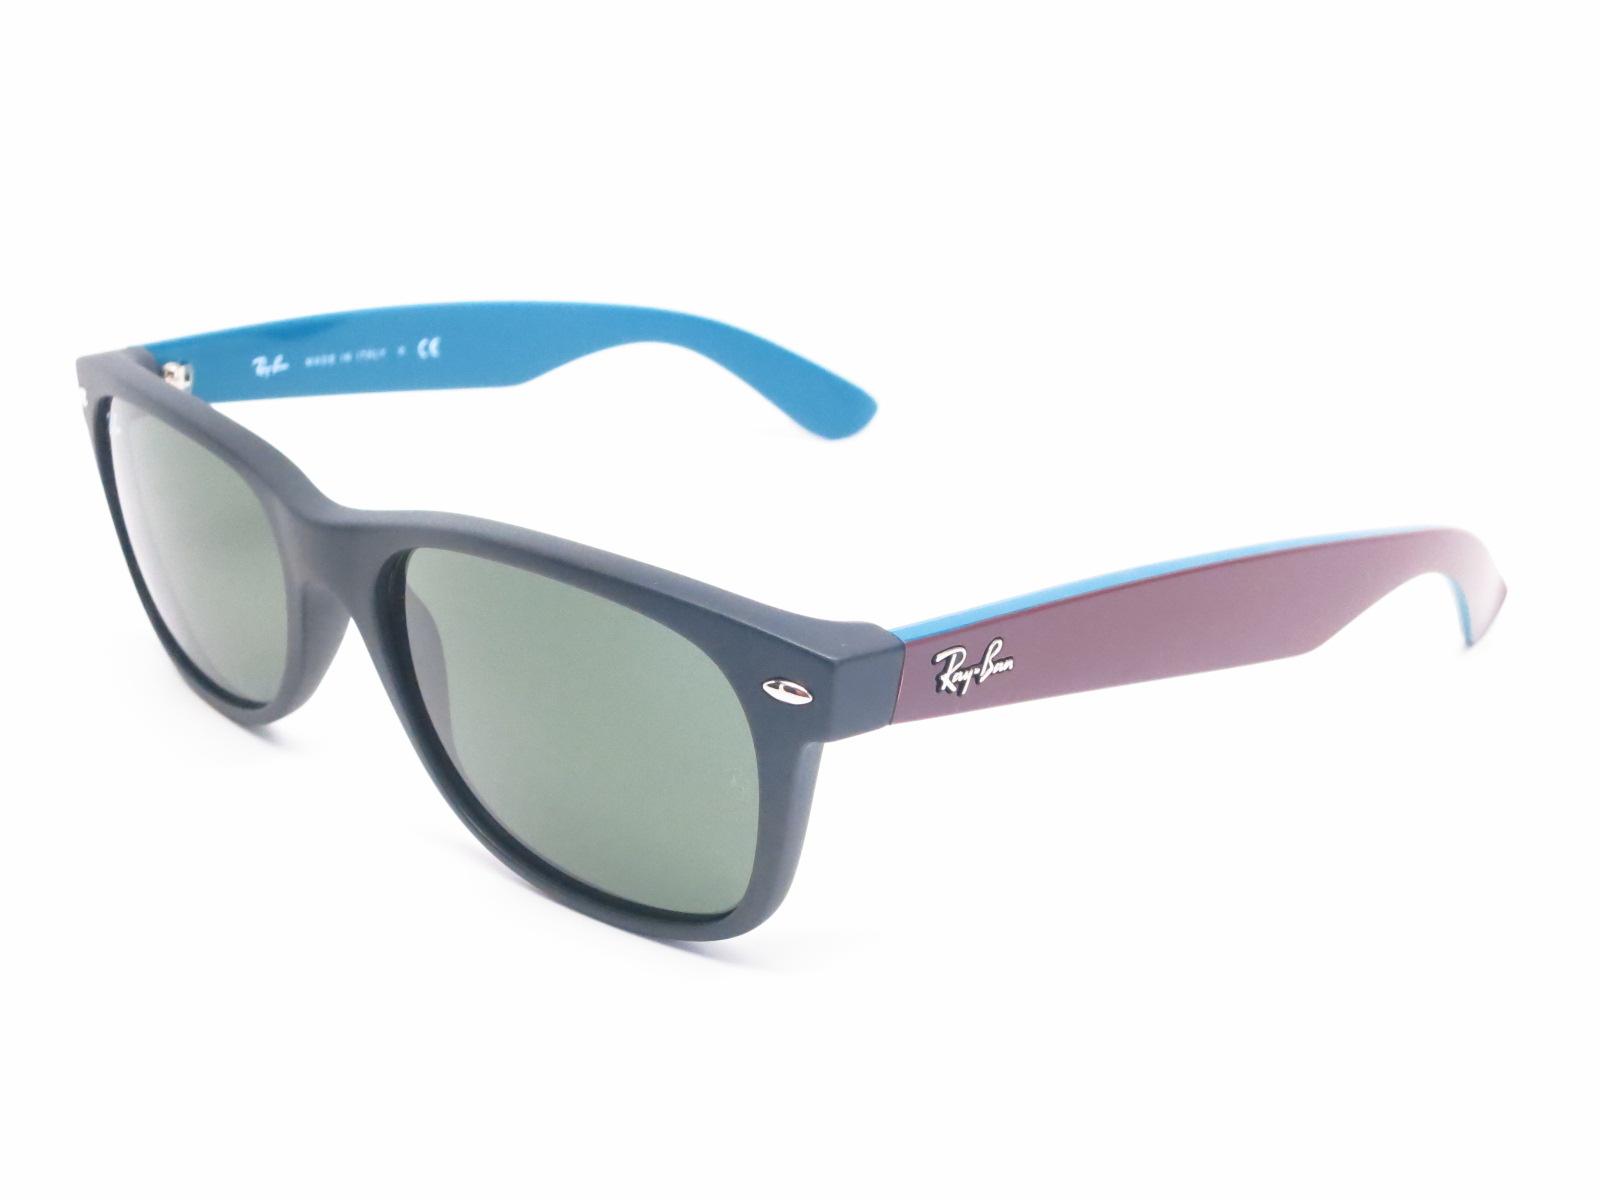 Oakley Sunglasses Wayfarer